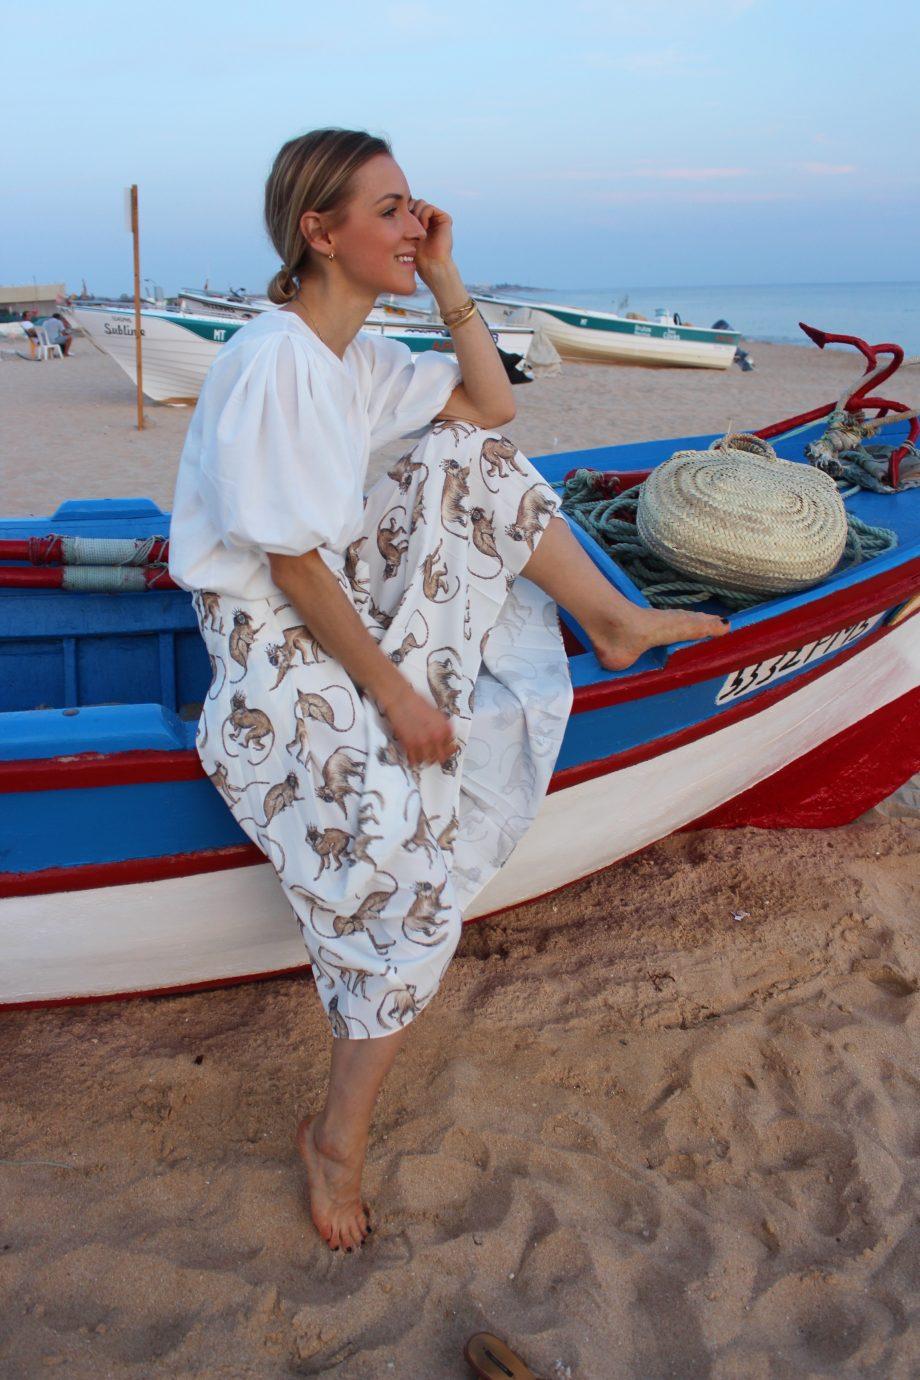 Ola Algarve! |25.10.2017